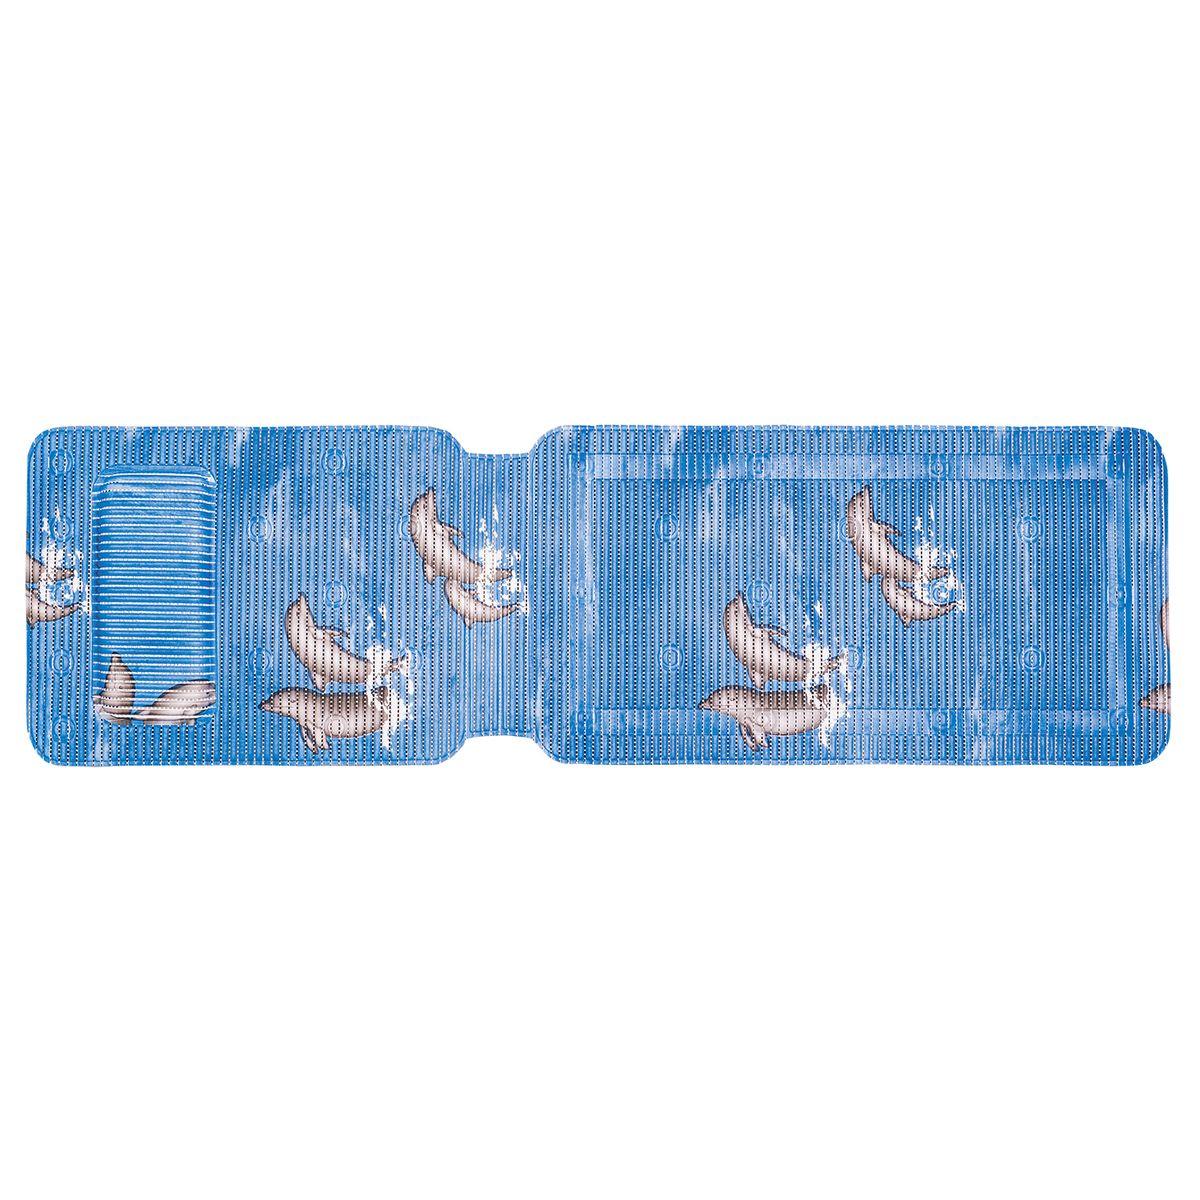 Коврик для ванной Tatkraft Dolphin с подушкой, противоскользящий, 36 см х 124 см18594Коврик противоскользящий Tatkraft Dolphin для ванной с подушкой. Рекомендуется для пожилых людей и детей, а также, для ценителей комфорта. Размер: 36,5*125см. - 30 присосок для безопасного использования. - Прочный, антибактериальный. Материал: вспененный поливинилхлорид, устойчивый к плесени. Коврик с подушкой фиксируется к ванне на присосках, имеет мягкую структуру, нескользкую поверхность. Это Ваши комфорт и безопасность при принятии ванны. Срок годности не ограничен.